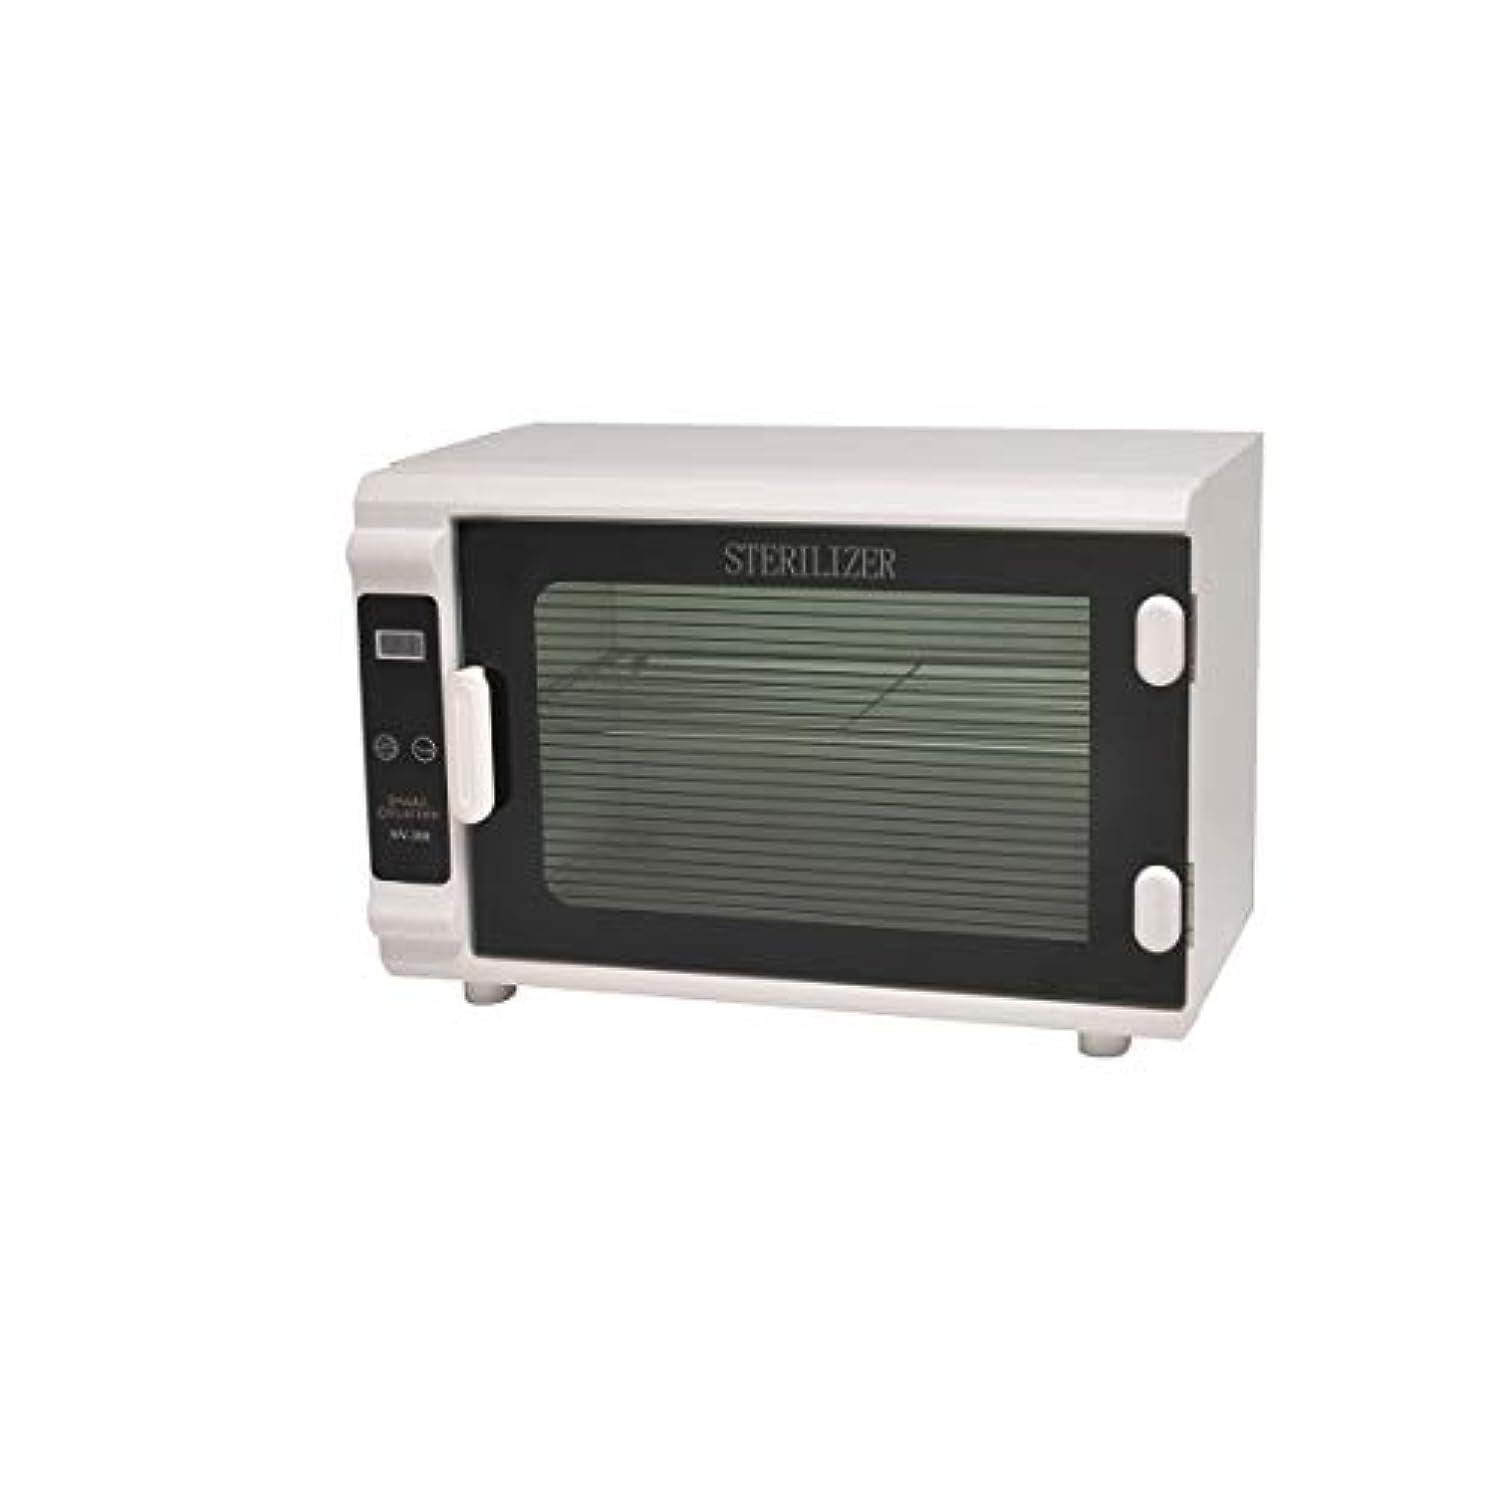 経営者マディソンたくさんタイマー付紫外線消毒器NV-308EX(PHILIPS社製ライト採用)